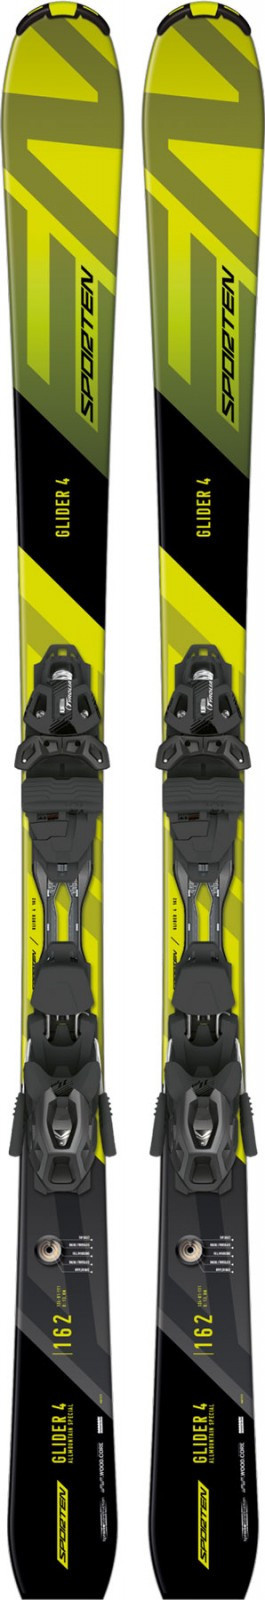 Sporten Glider 4 + PR 11